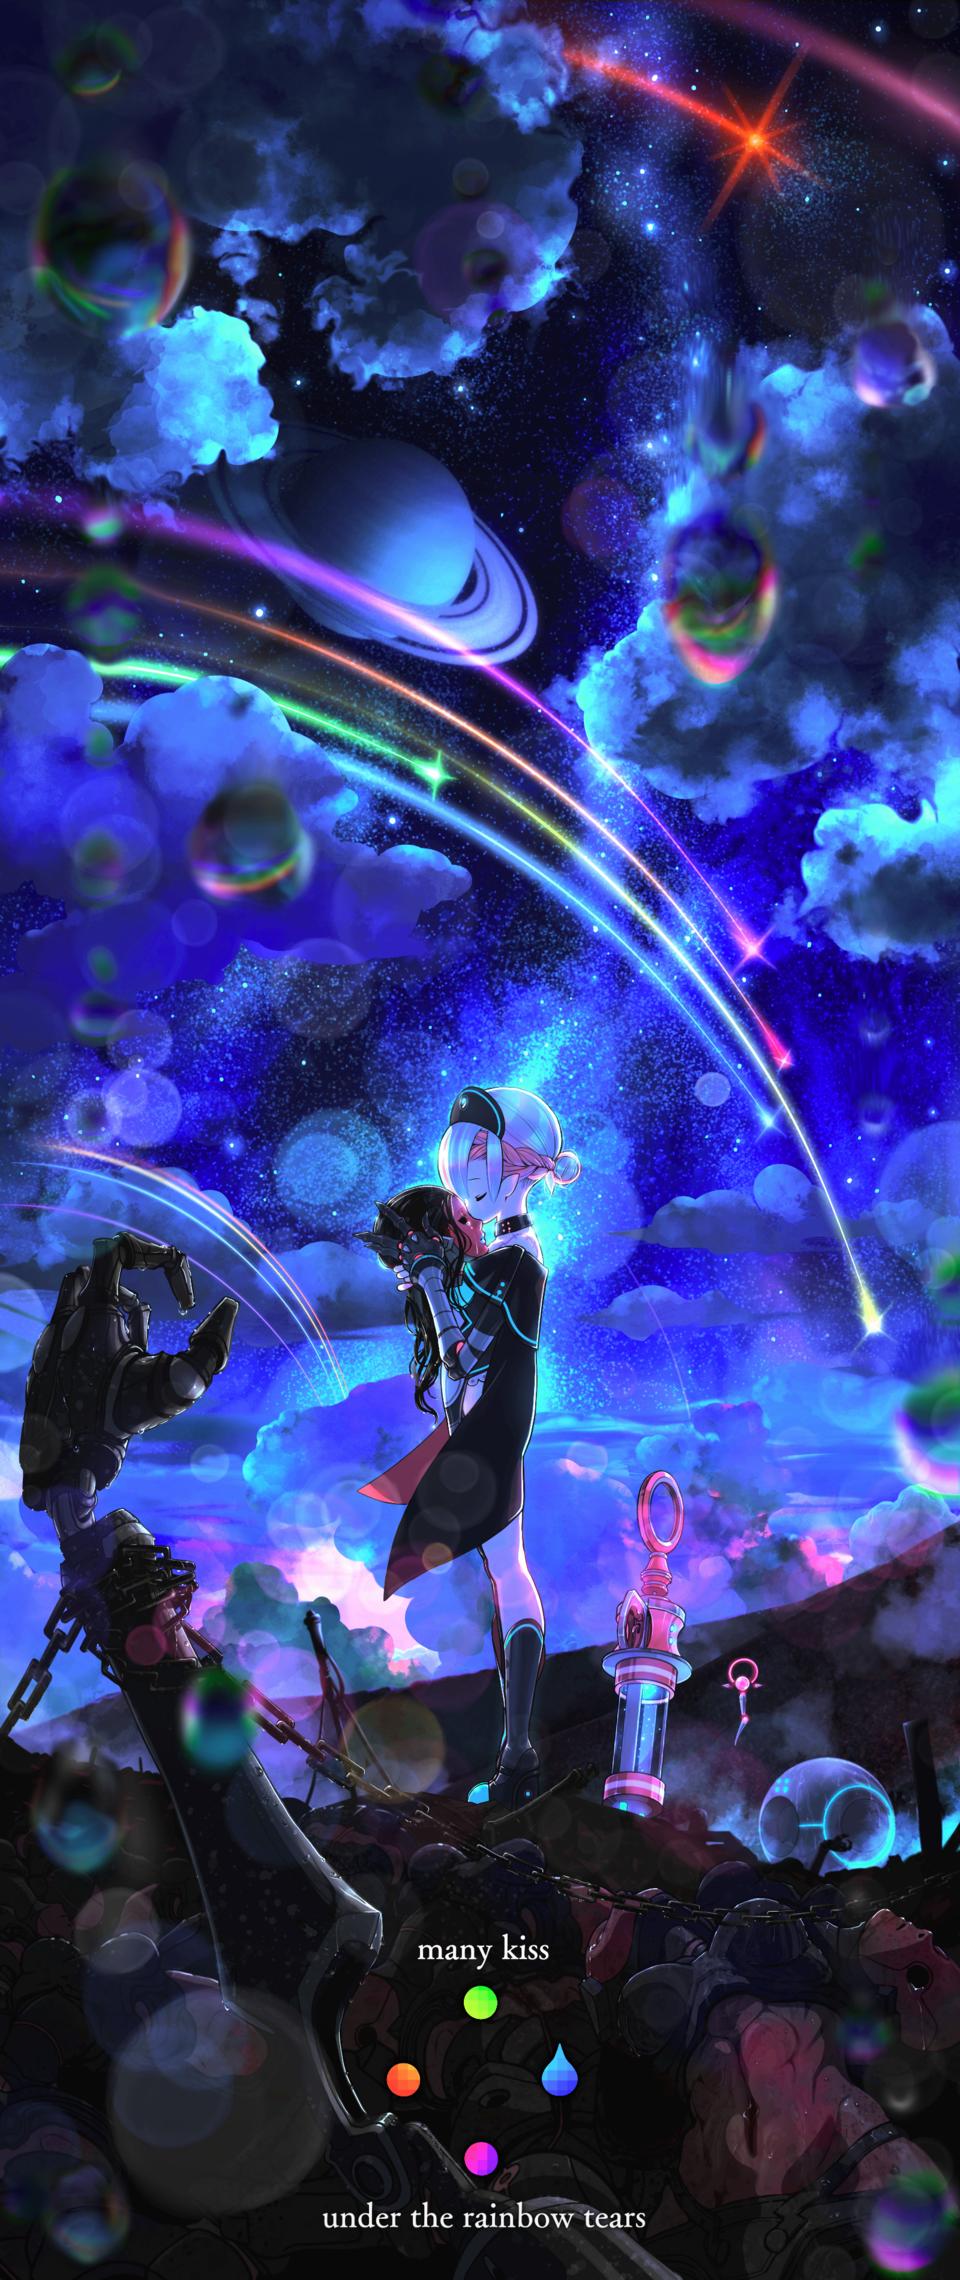 【日常:コロン・セミコロン】メニキス Illust of Tow Tateoka 2ndHikarikoContest star space vampire :;